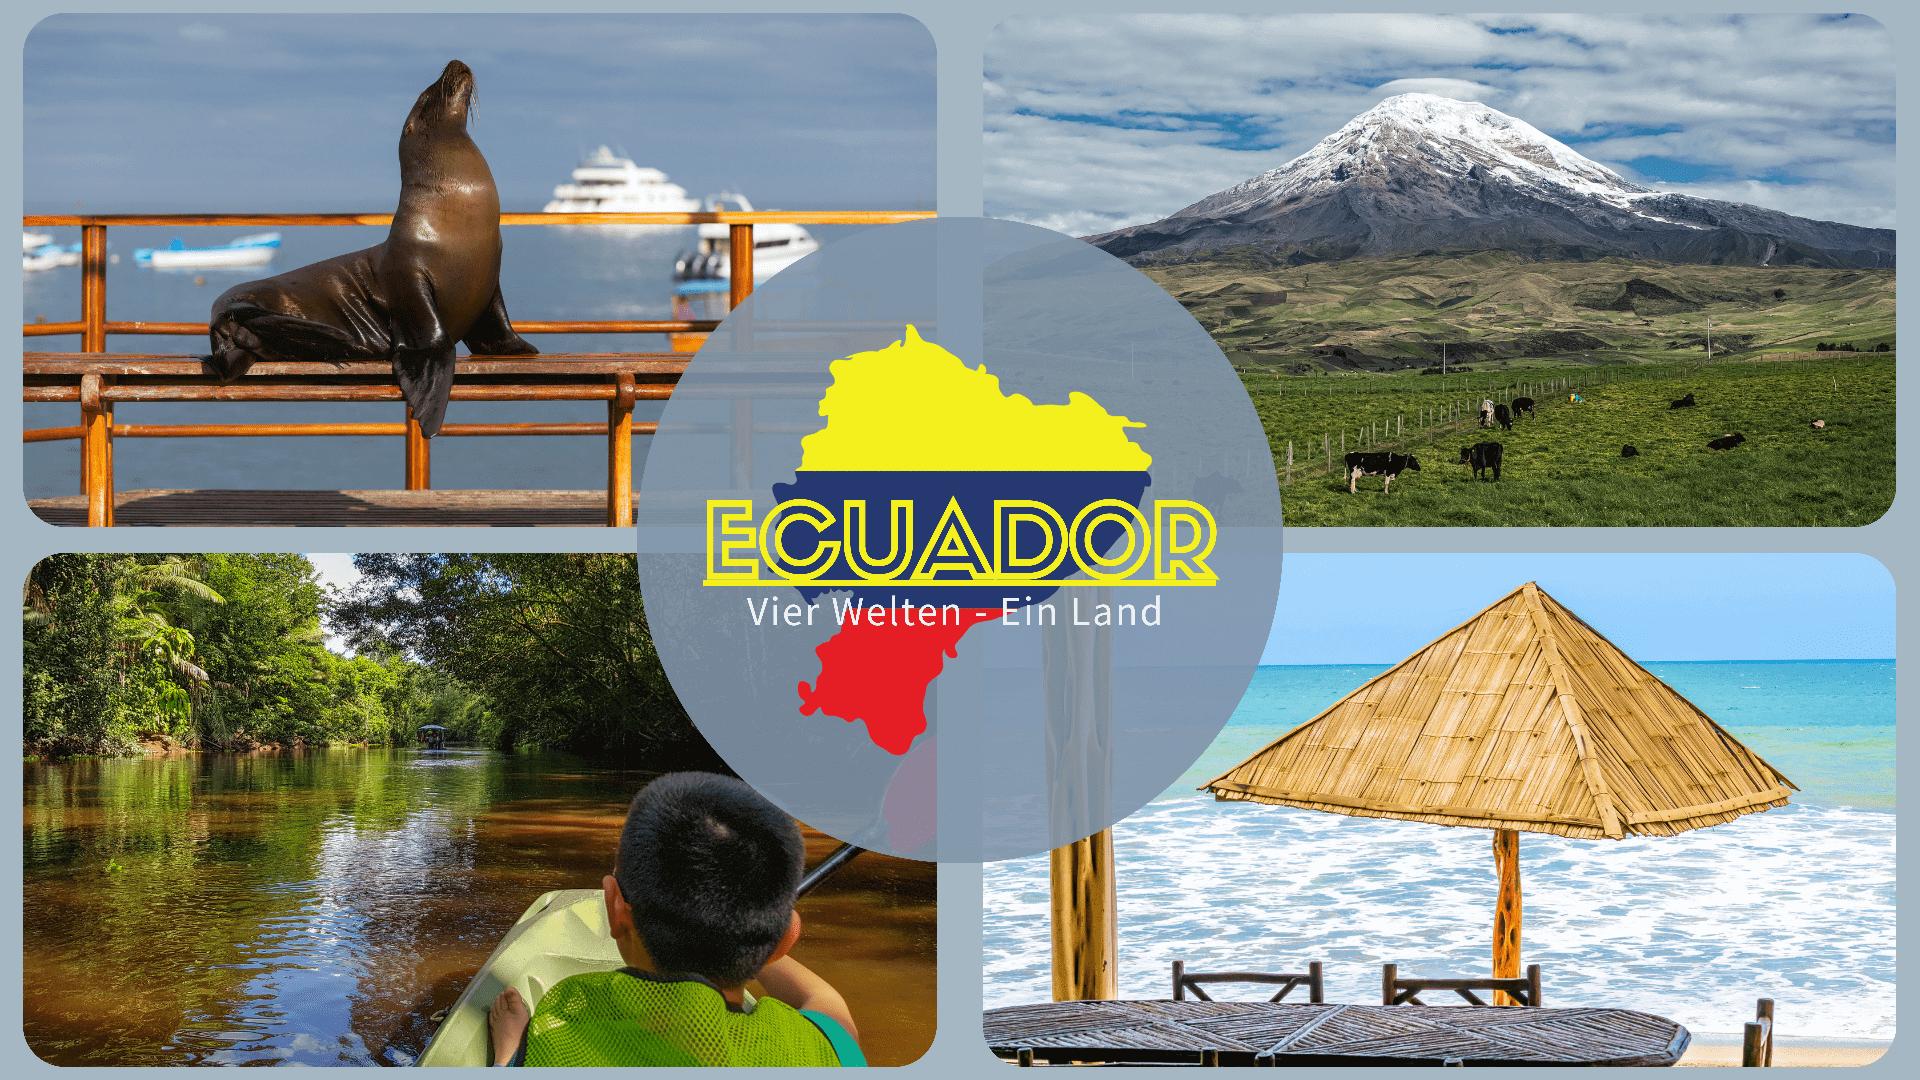 Ecuador Reisen - Vier Welten, ein Land